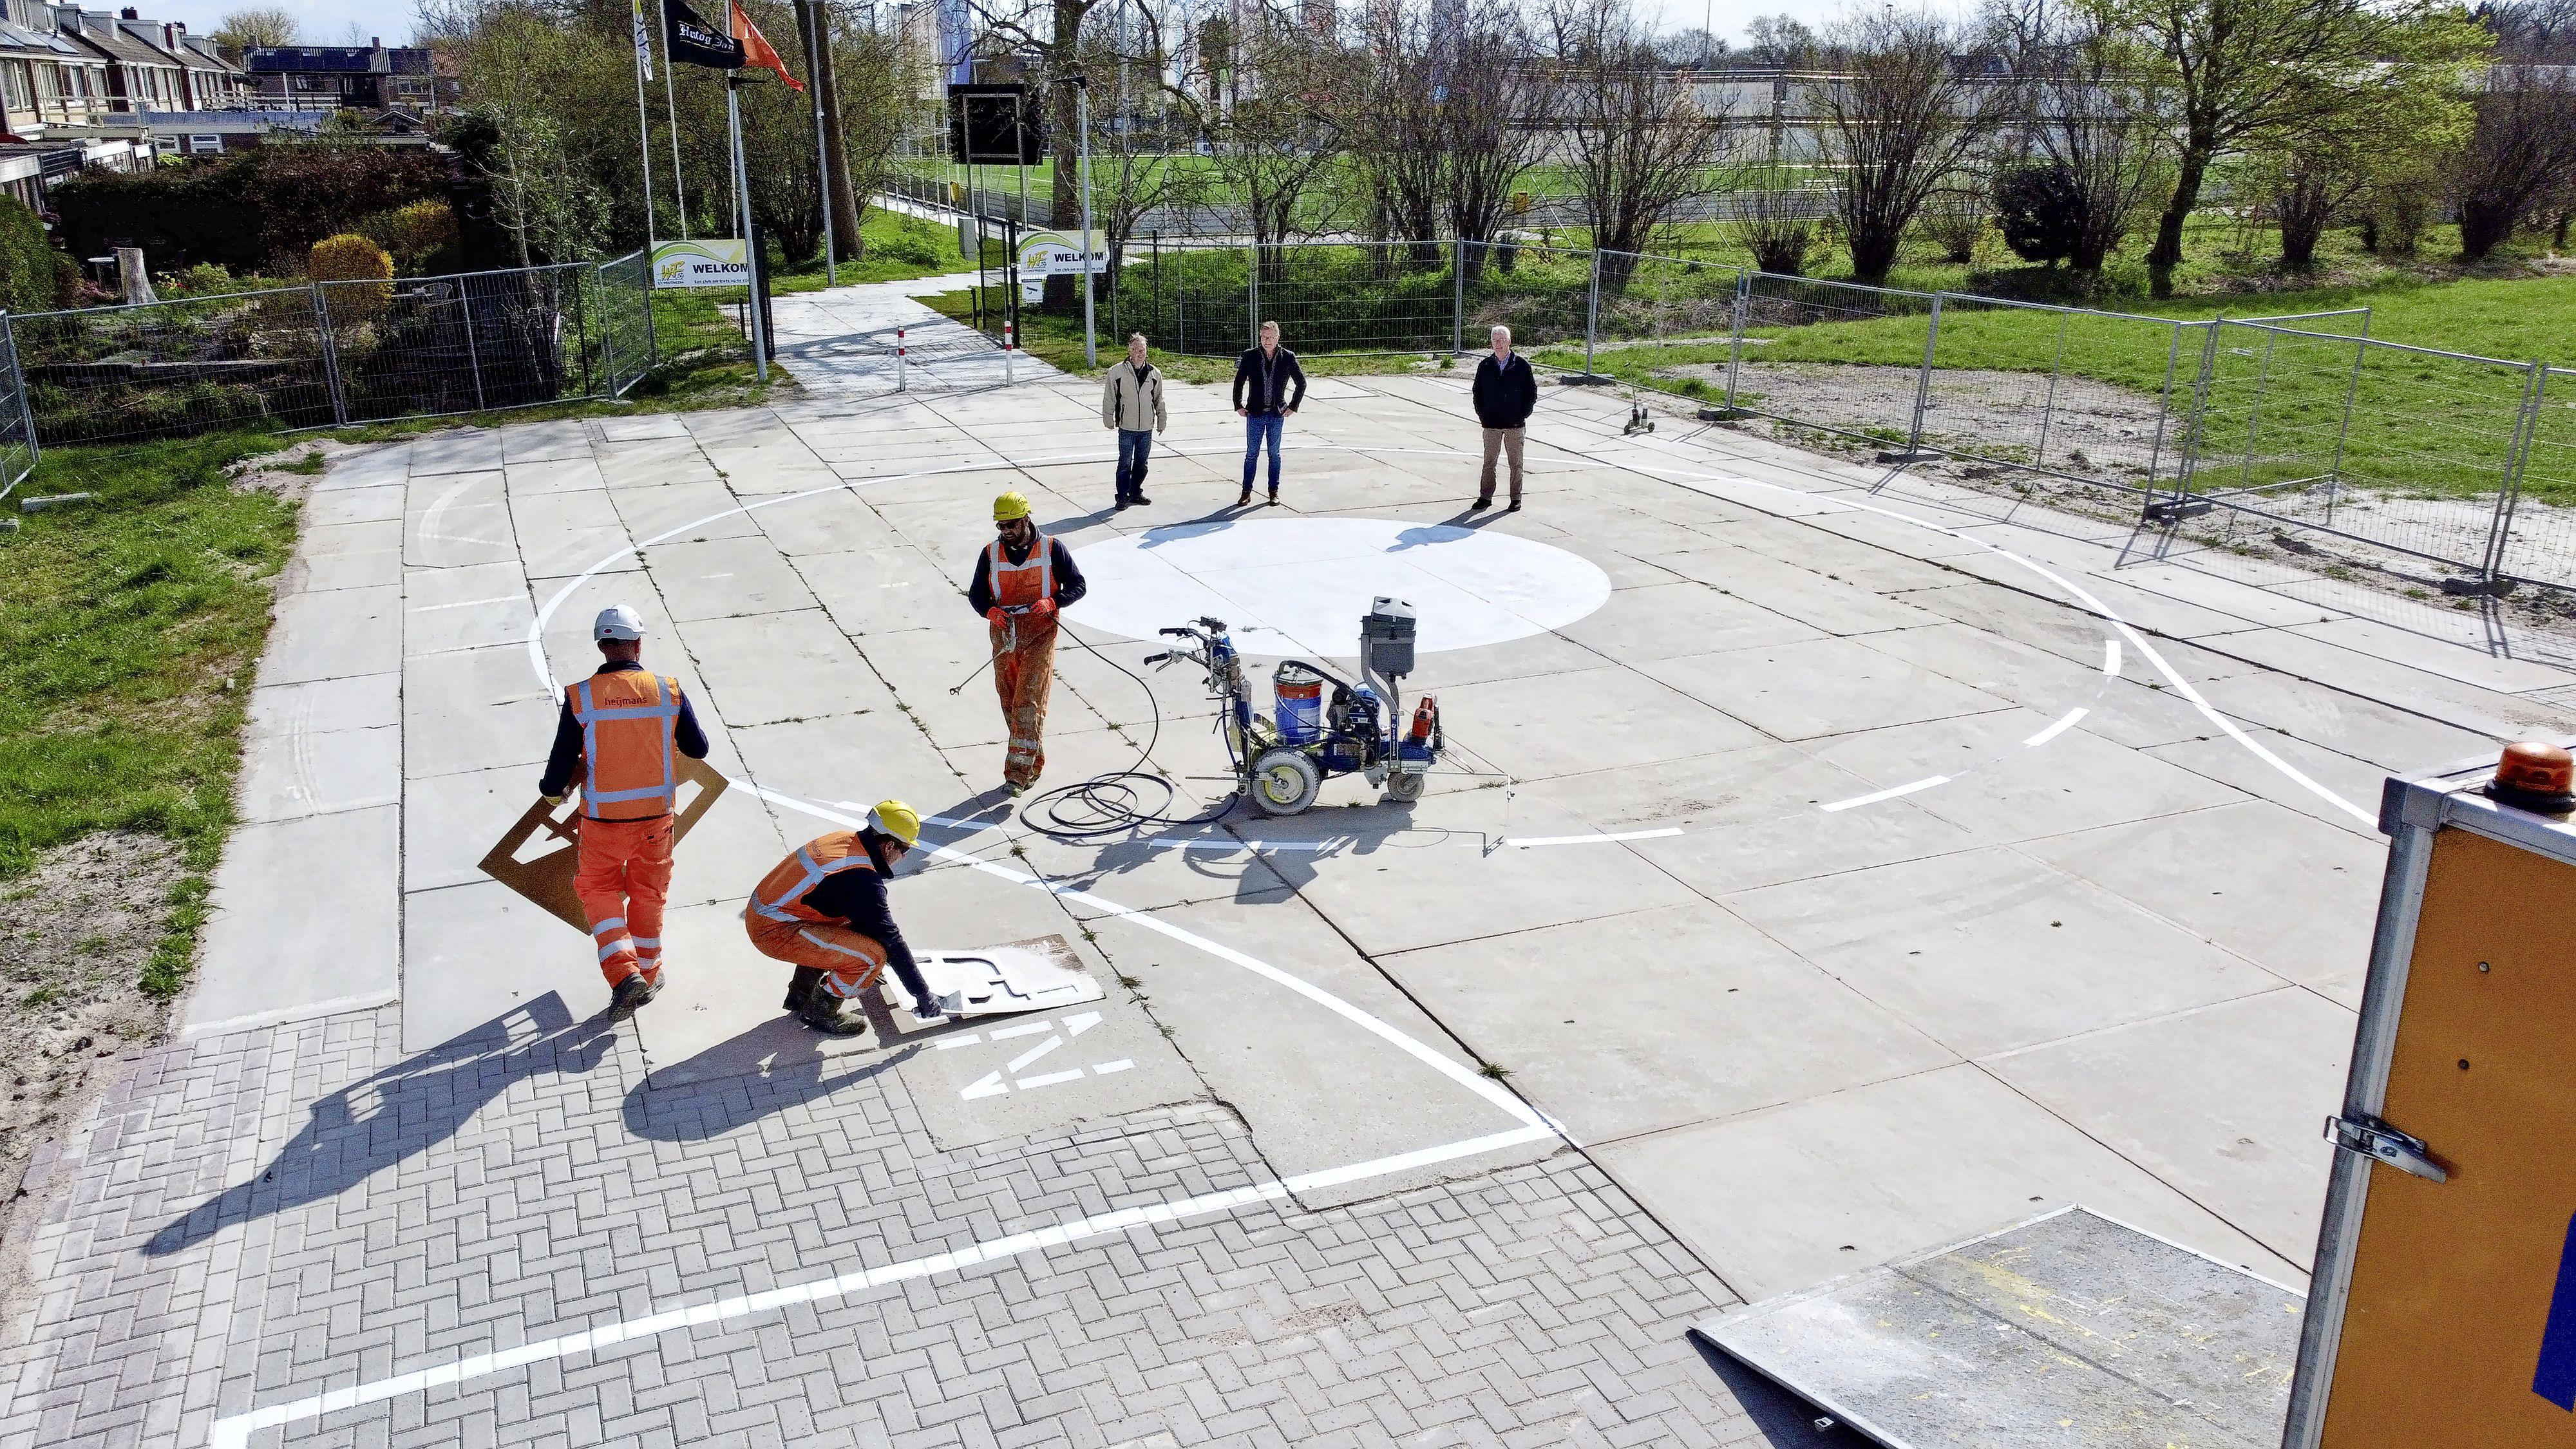 Eindelijk heeft Westfriezen zijn parkeerterrein, na acht maanden vertraging. Mét Kiss and Ride cirkel